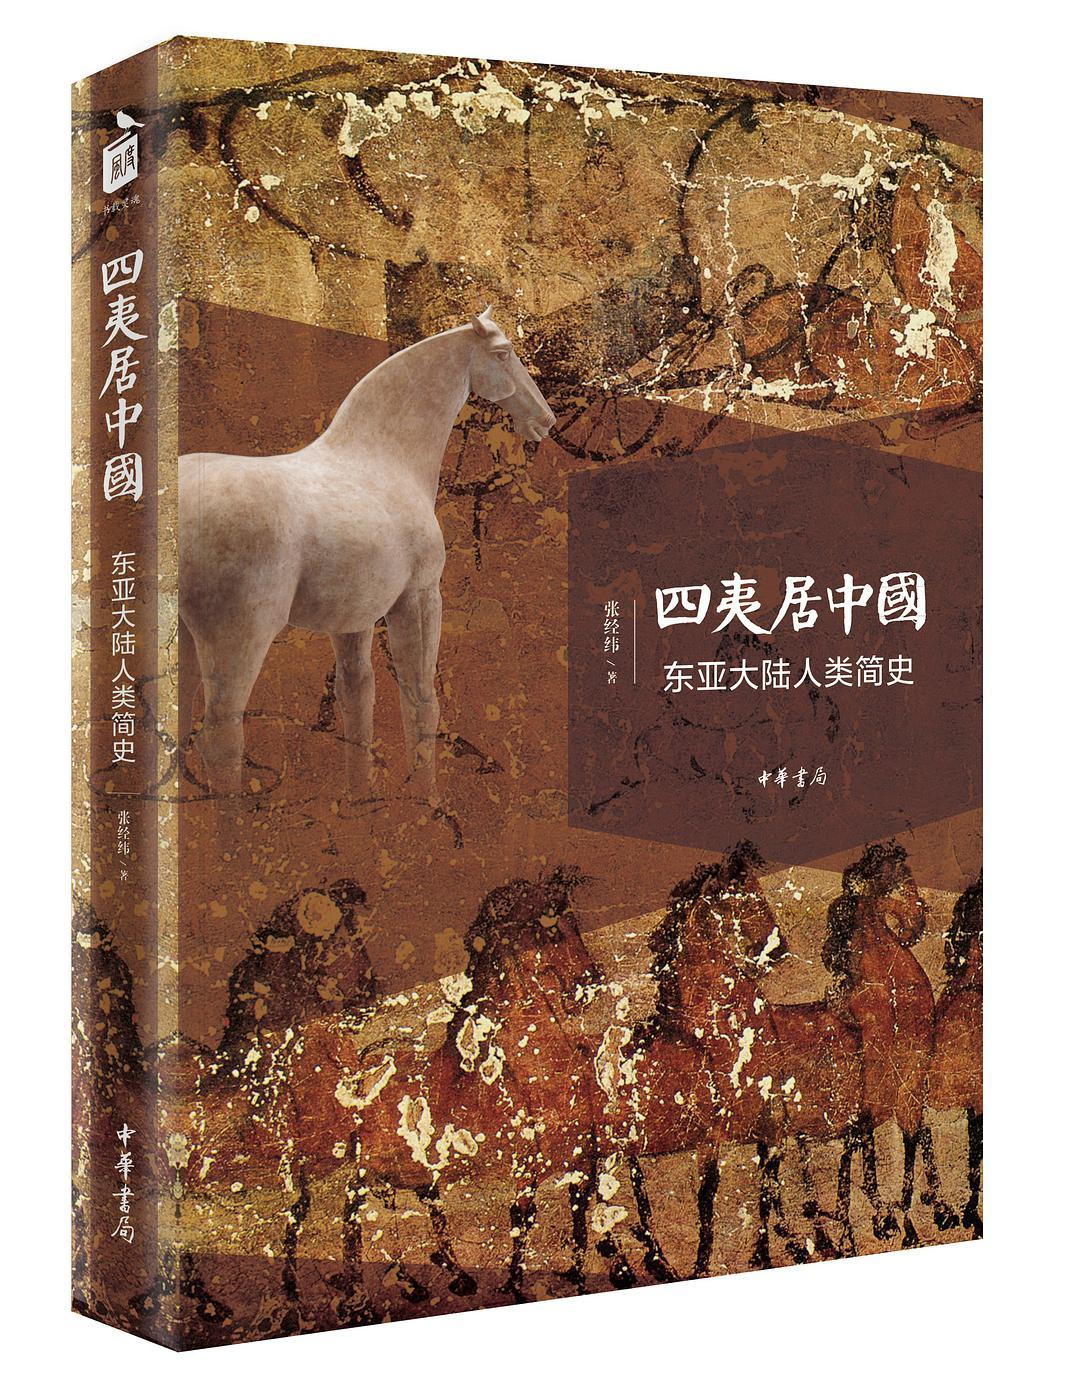 张经纬:《四夷居中国》意在构建完整的东亚大陆人类史